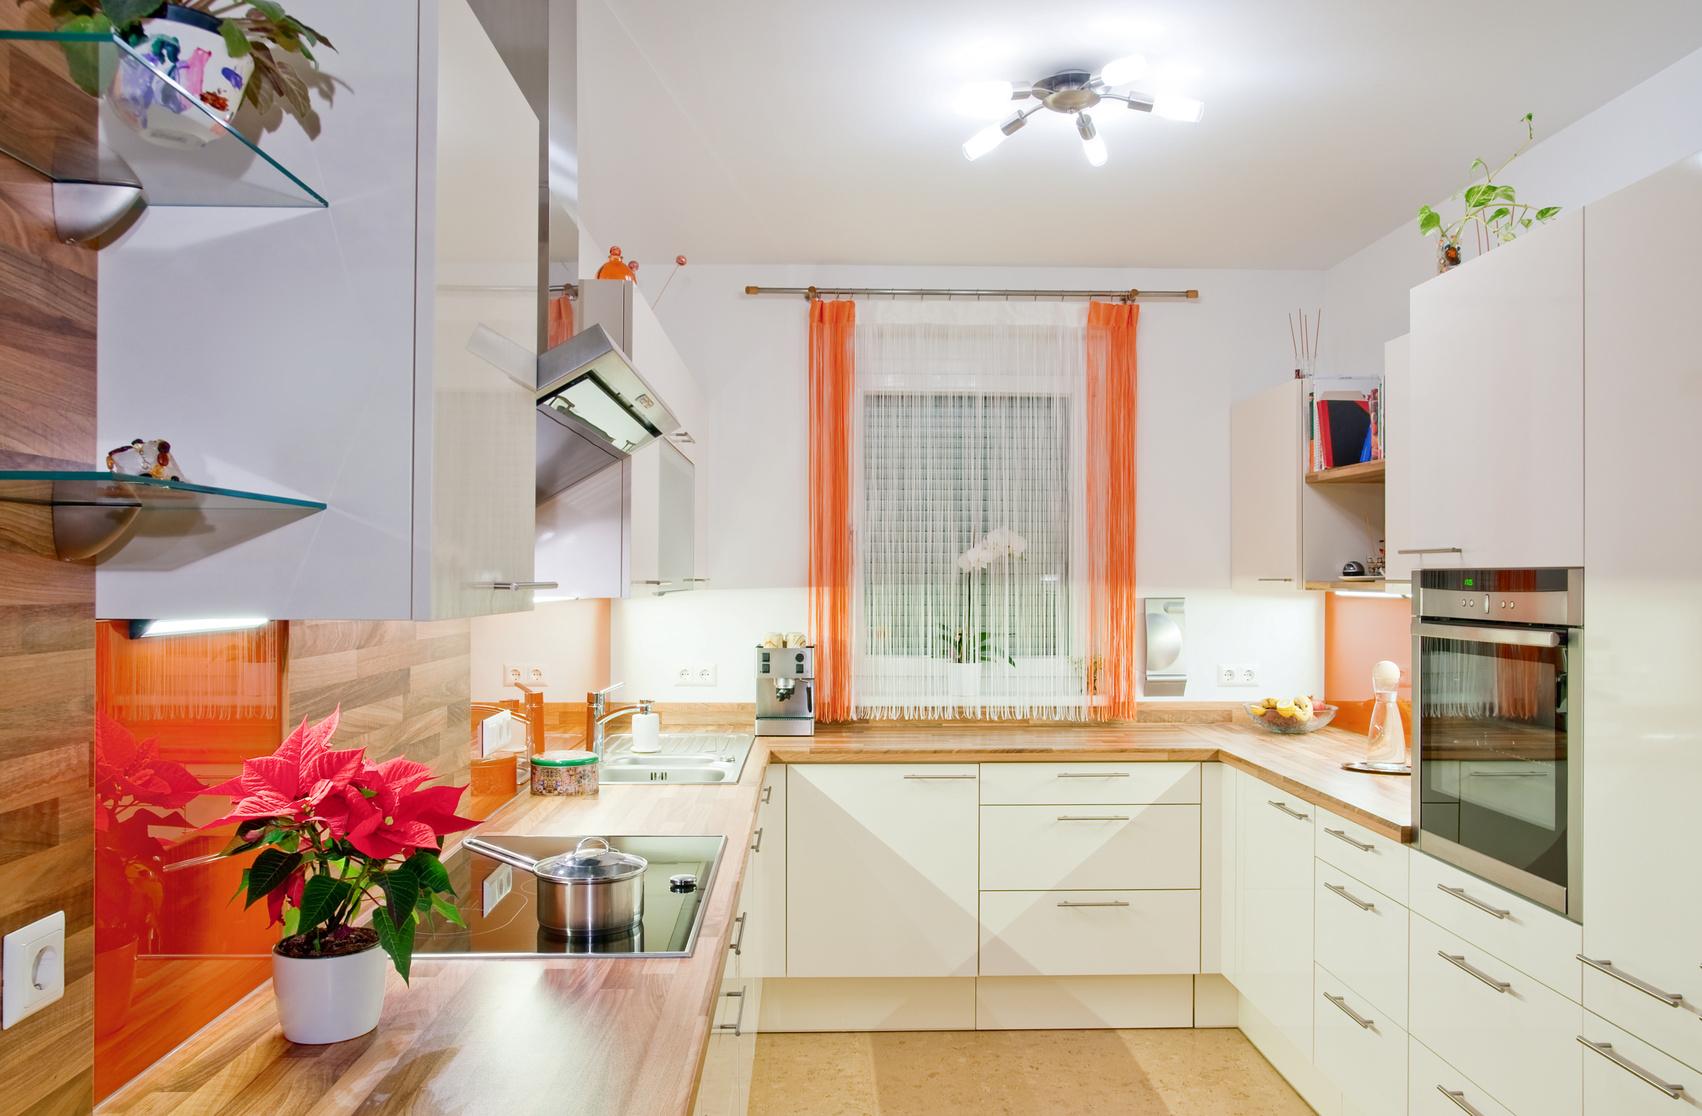 Nett Kleine U Förmige Küche Renovieren Bilder Zeitgenössisch   Ideen .